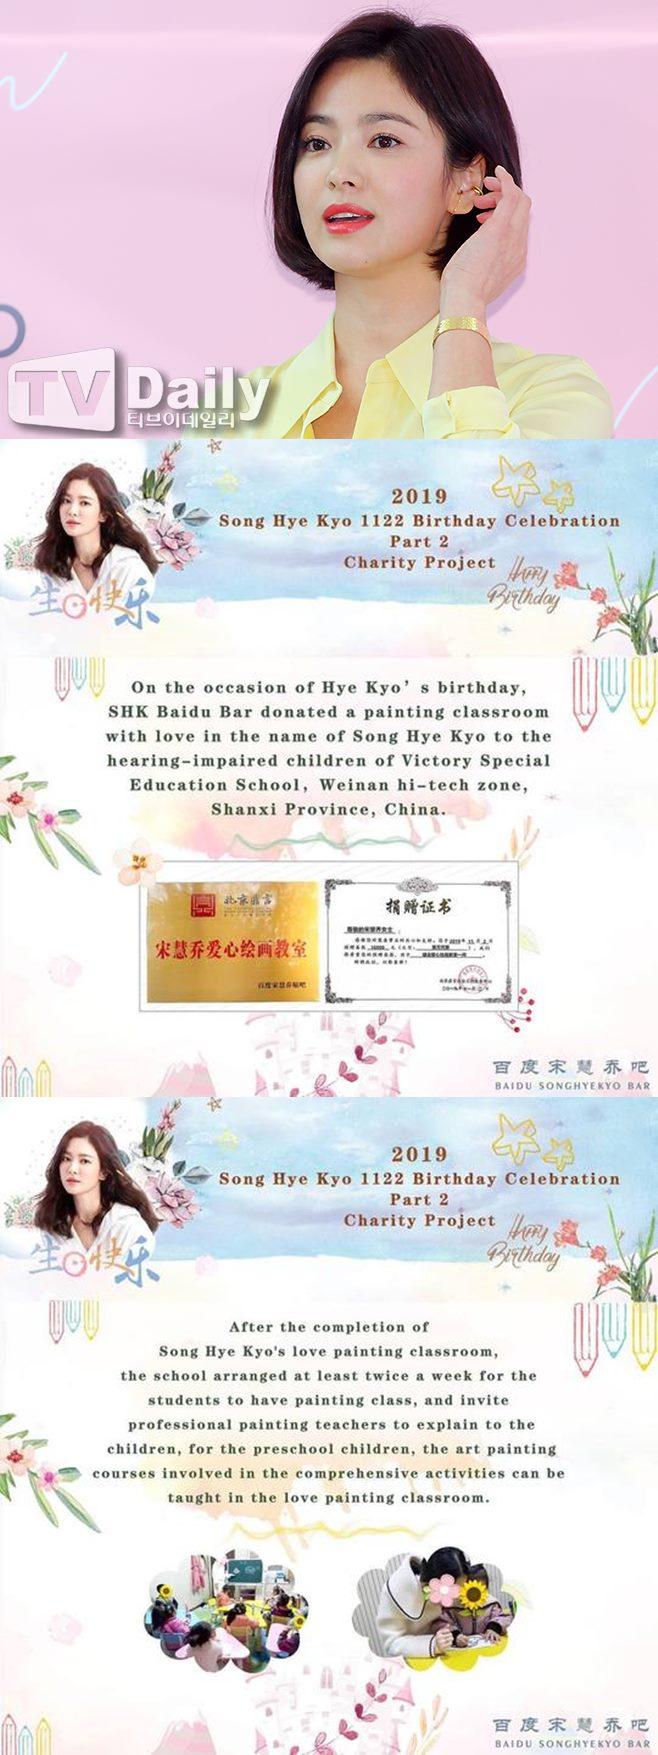 송혜교 중국 팬덤 바이두바 생일 선행 사랑의 그림 교실